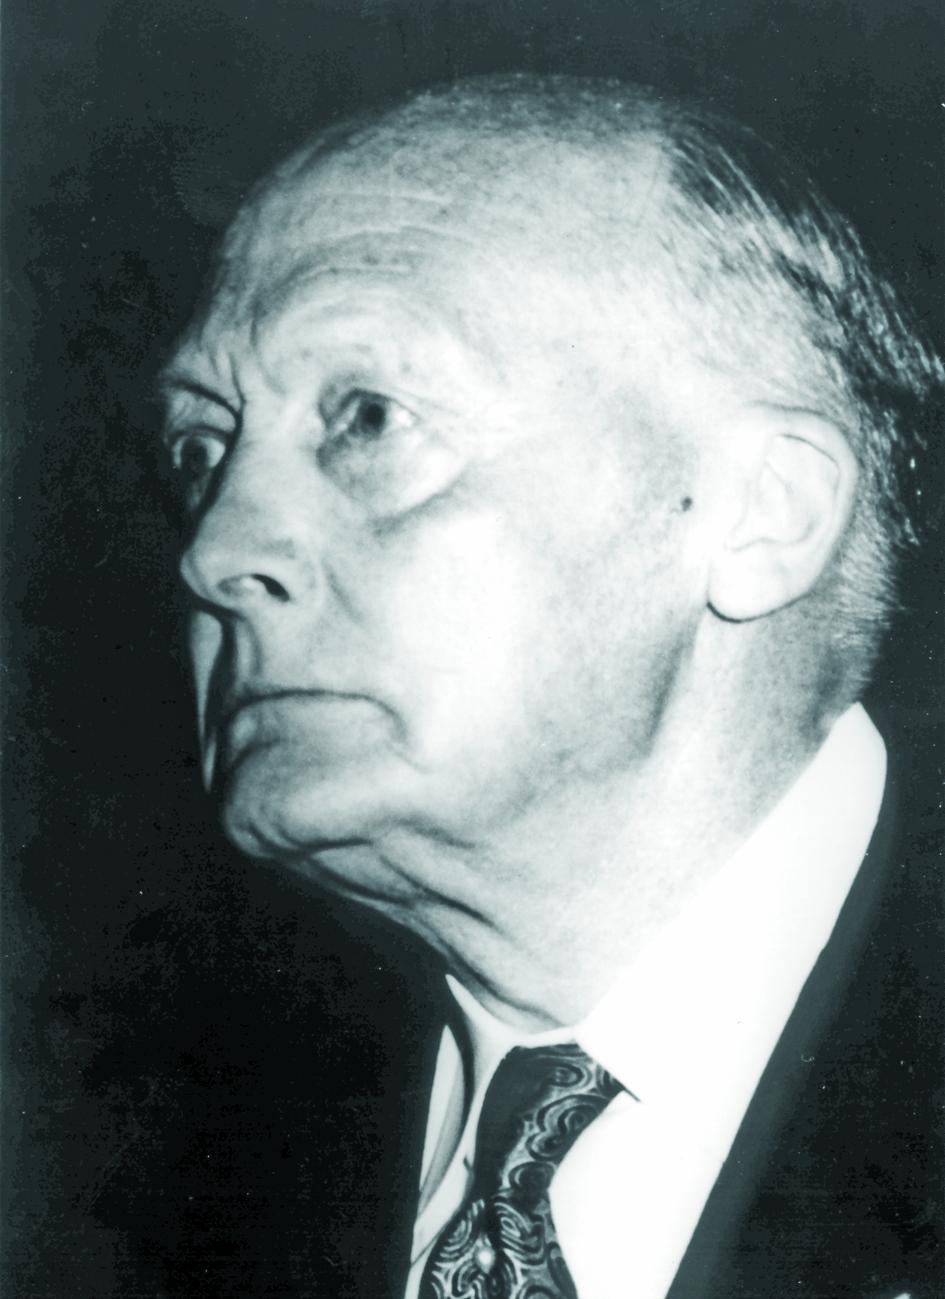 Portraitfoto von Herrn Hermann Holthusen.